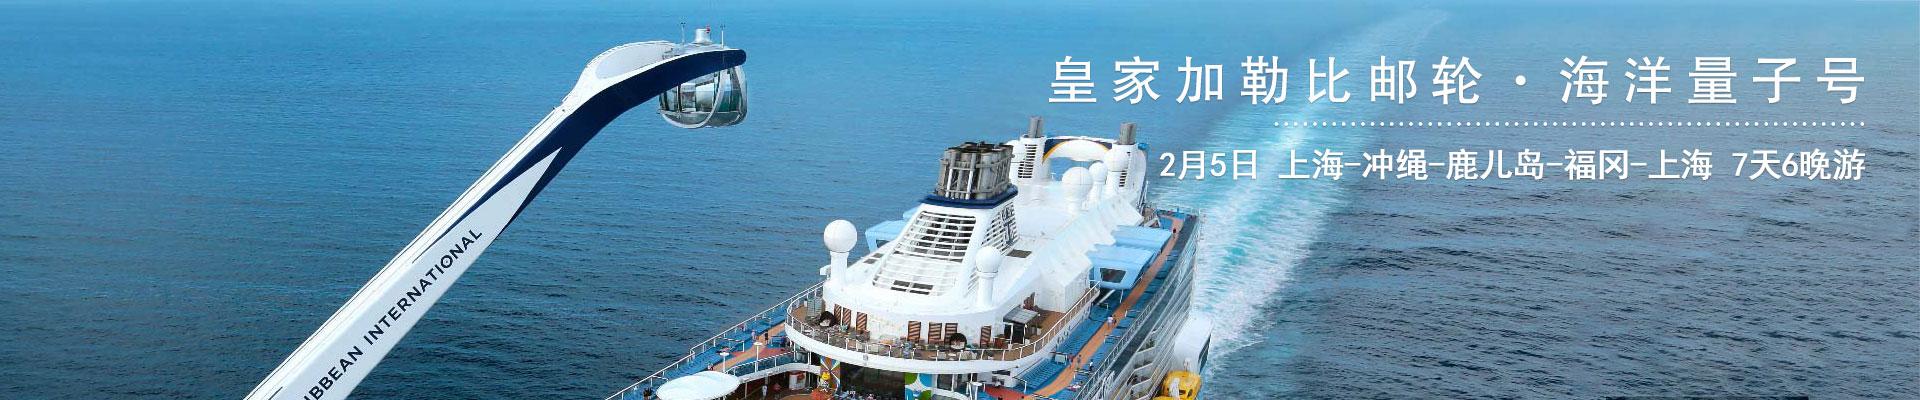 皇家加勒比邮轮.海洋量子号:2月5日 上海-冲绳-鹿儿岛-福冈-上海 7天6晚游